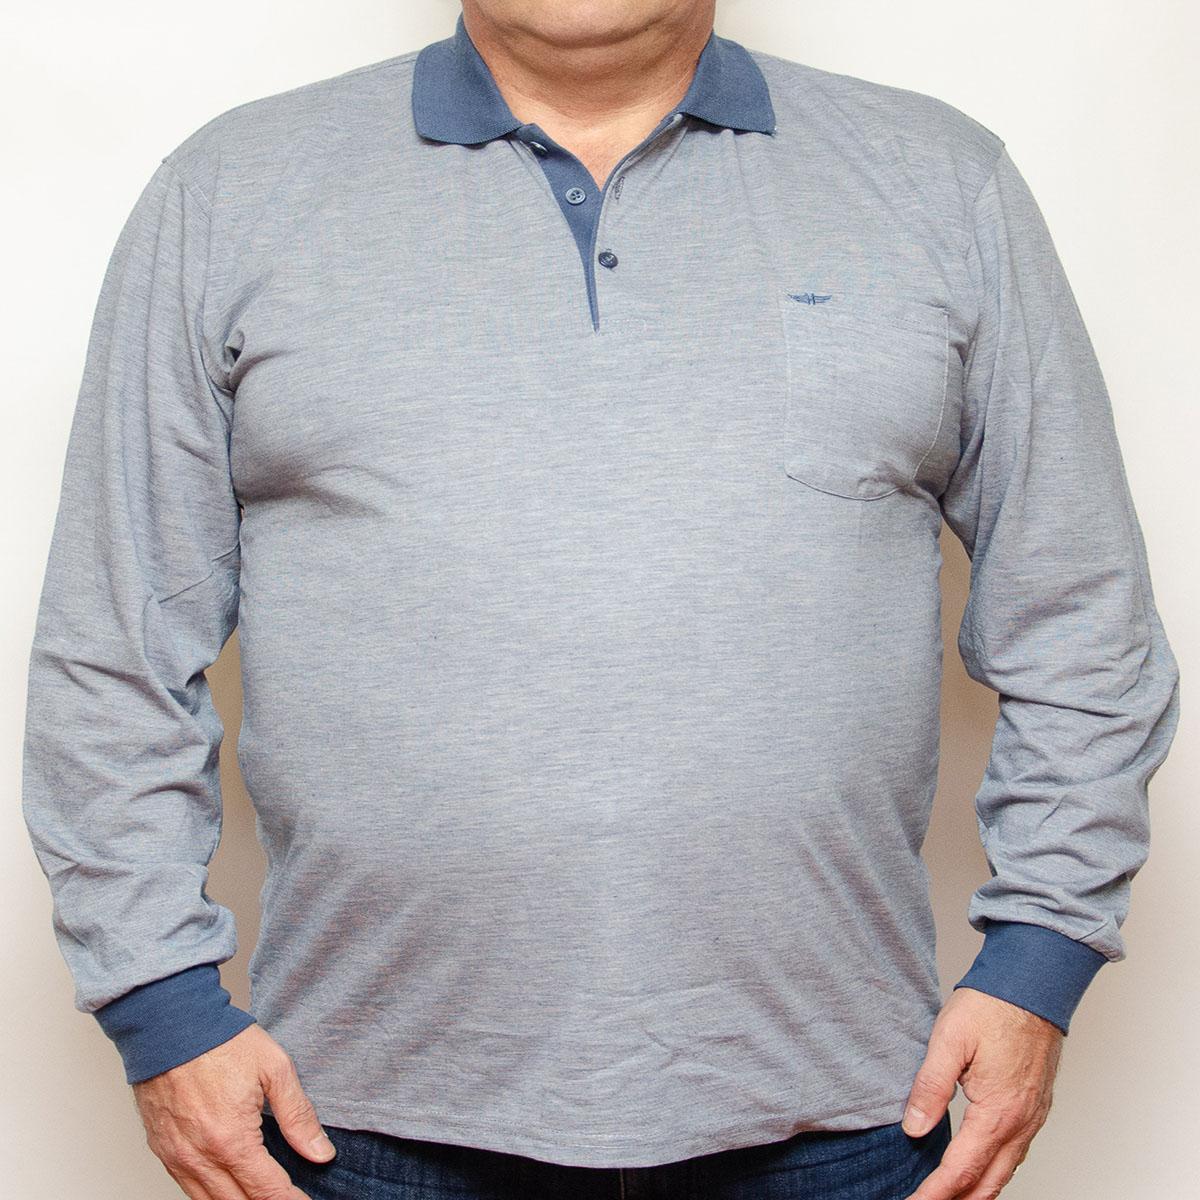 Bluza subtire gri cu insertii blumarin si cu guler , Marime 4XL - egato.ro